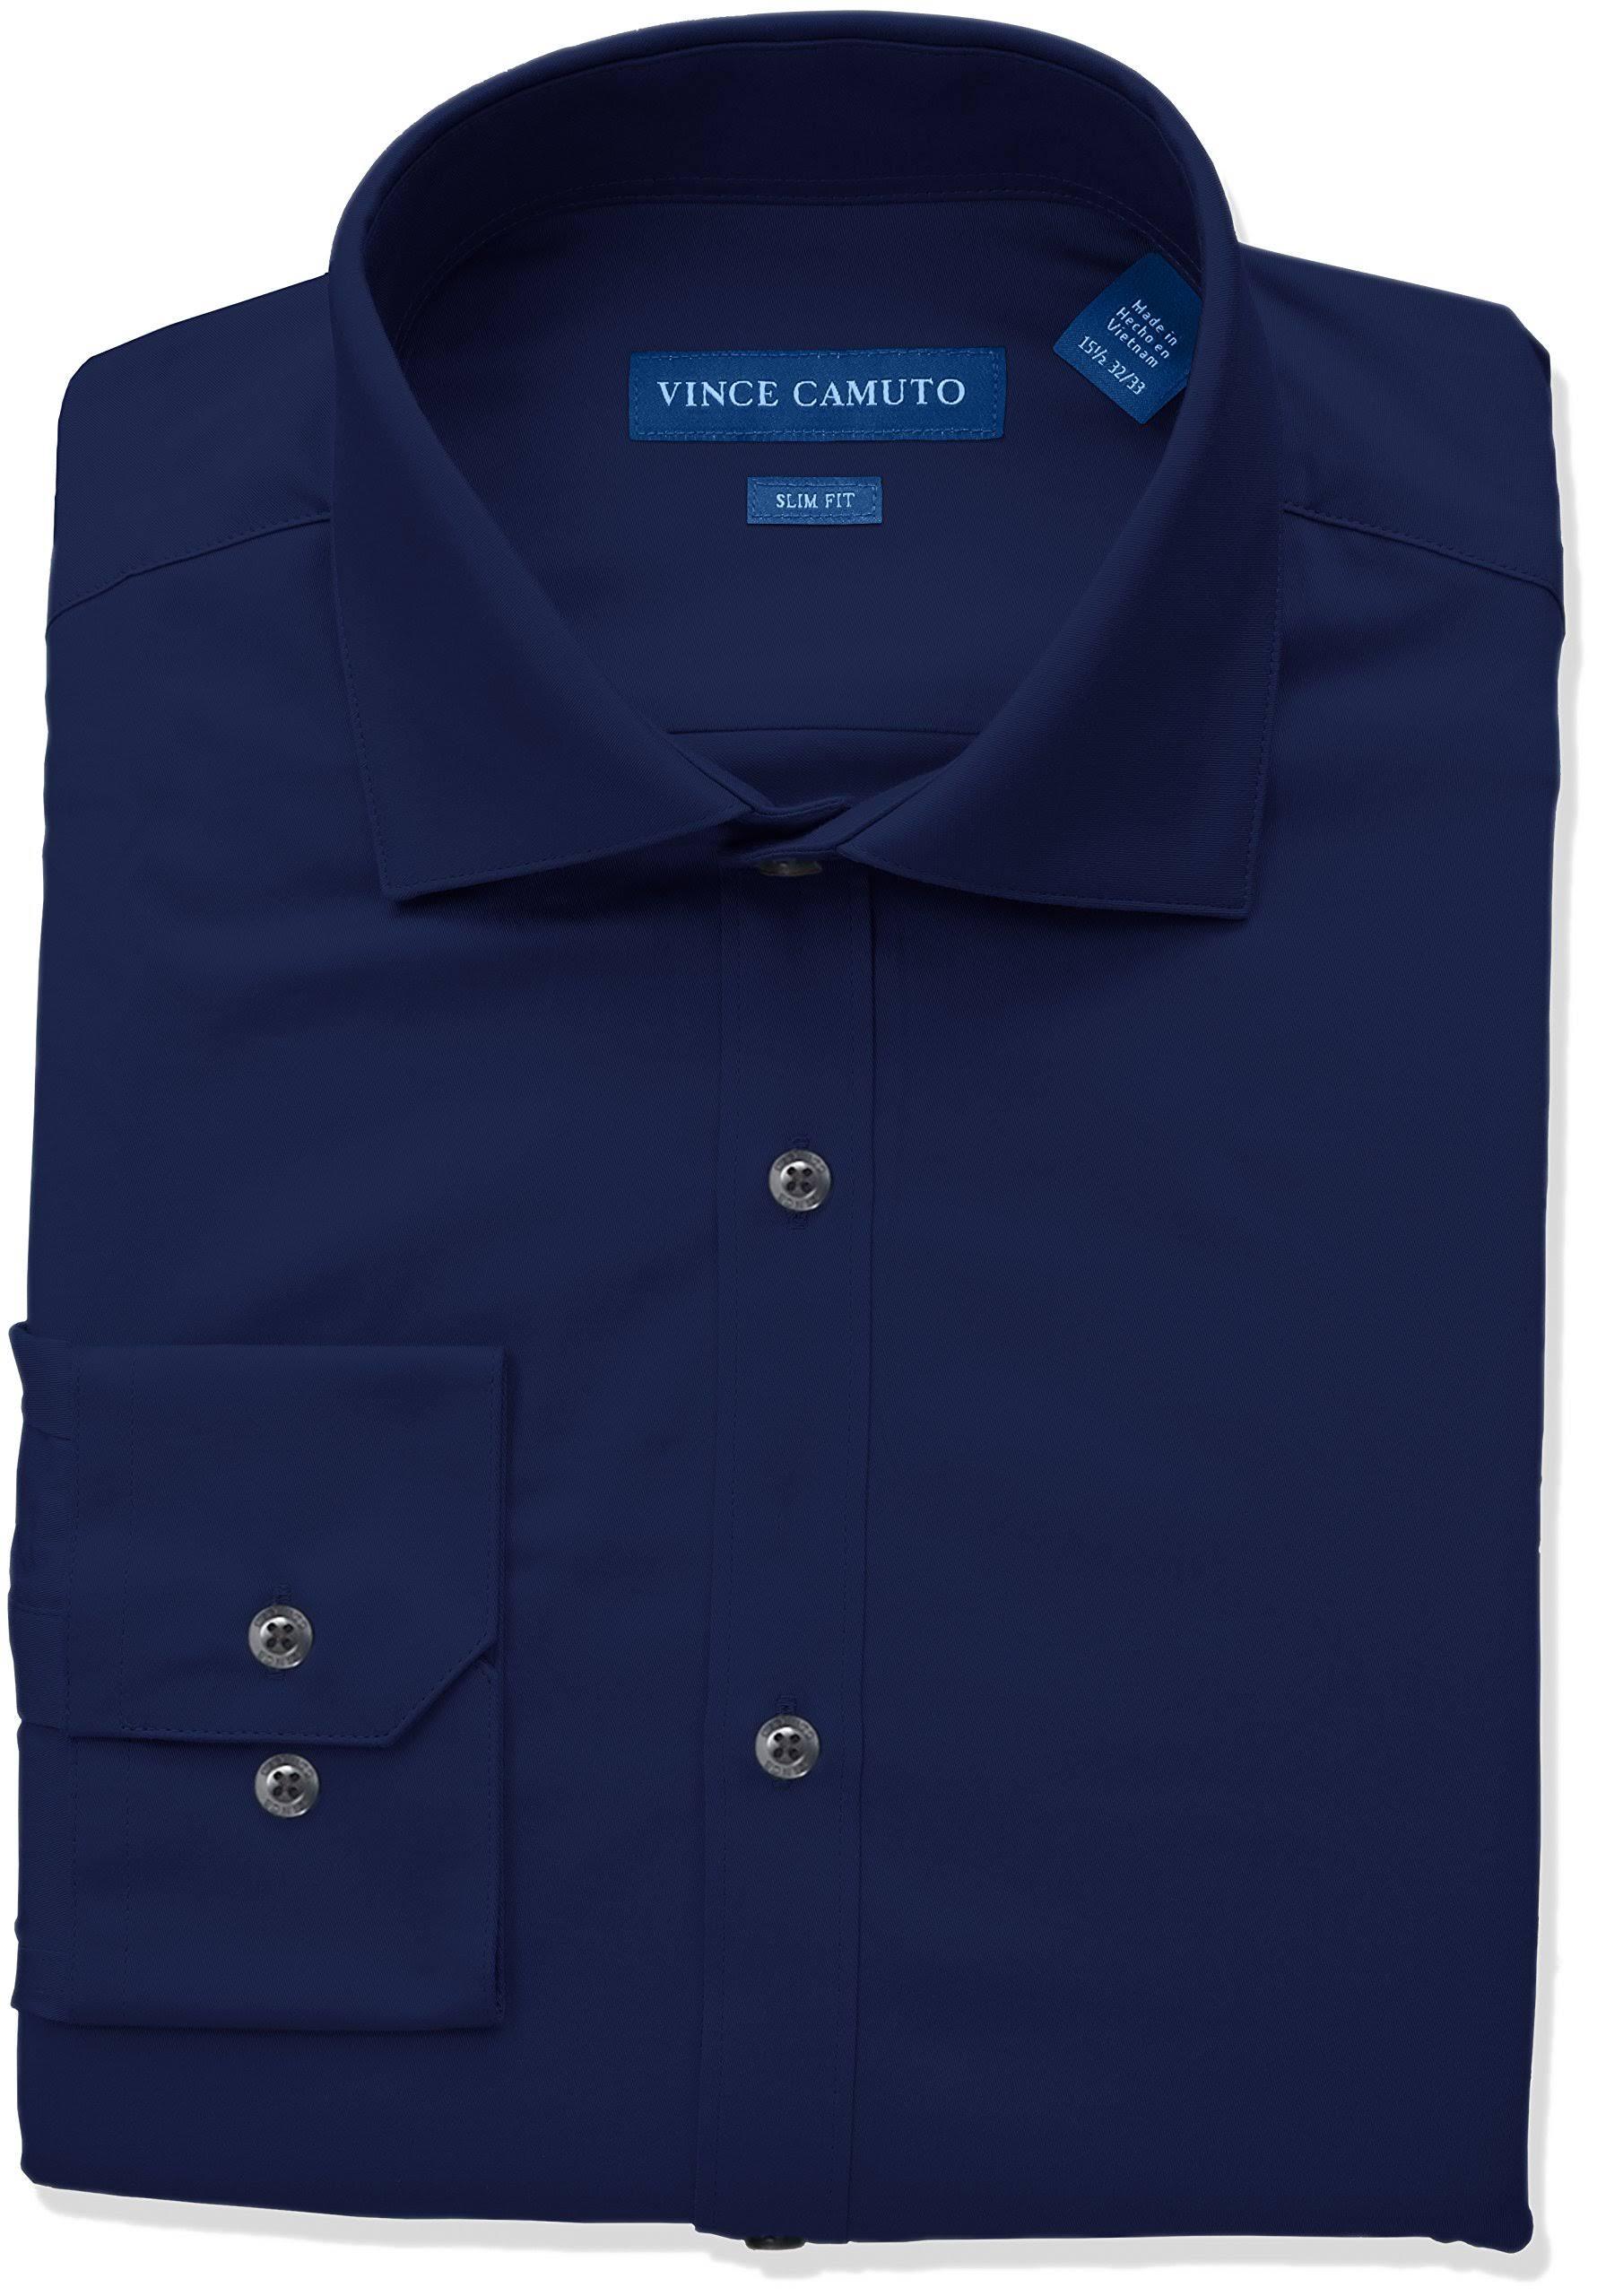 Sólida Camisa Cuello De Alto Y Con Para Hombre Escote Vestir Vince Ajustado Camuto EEq6wR